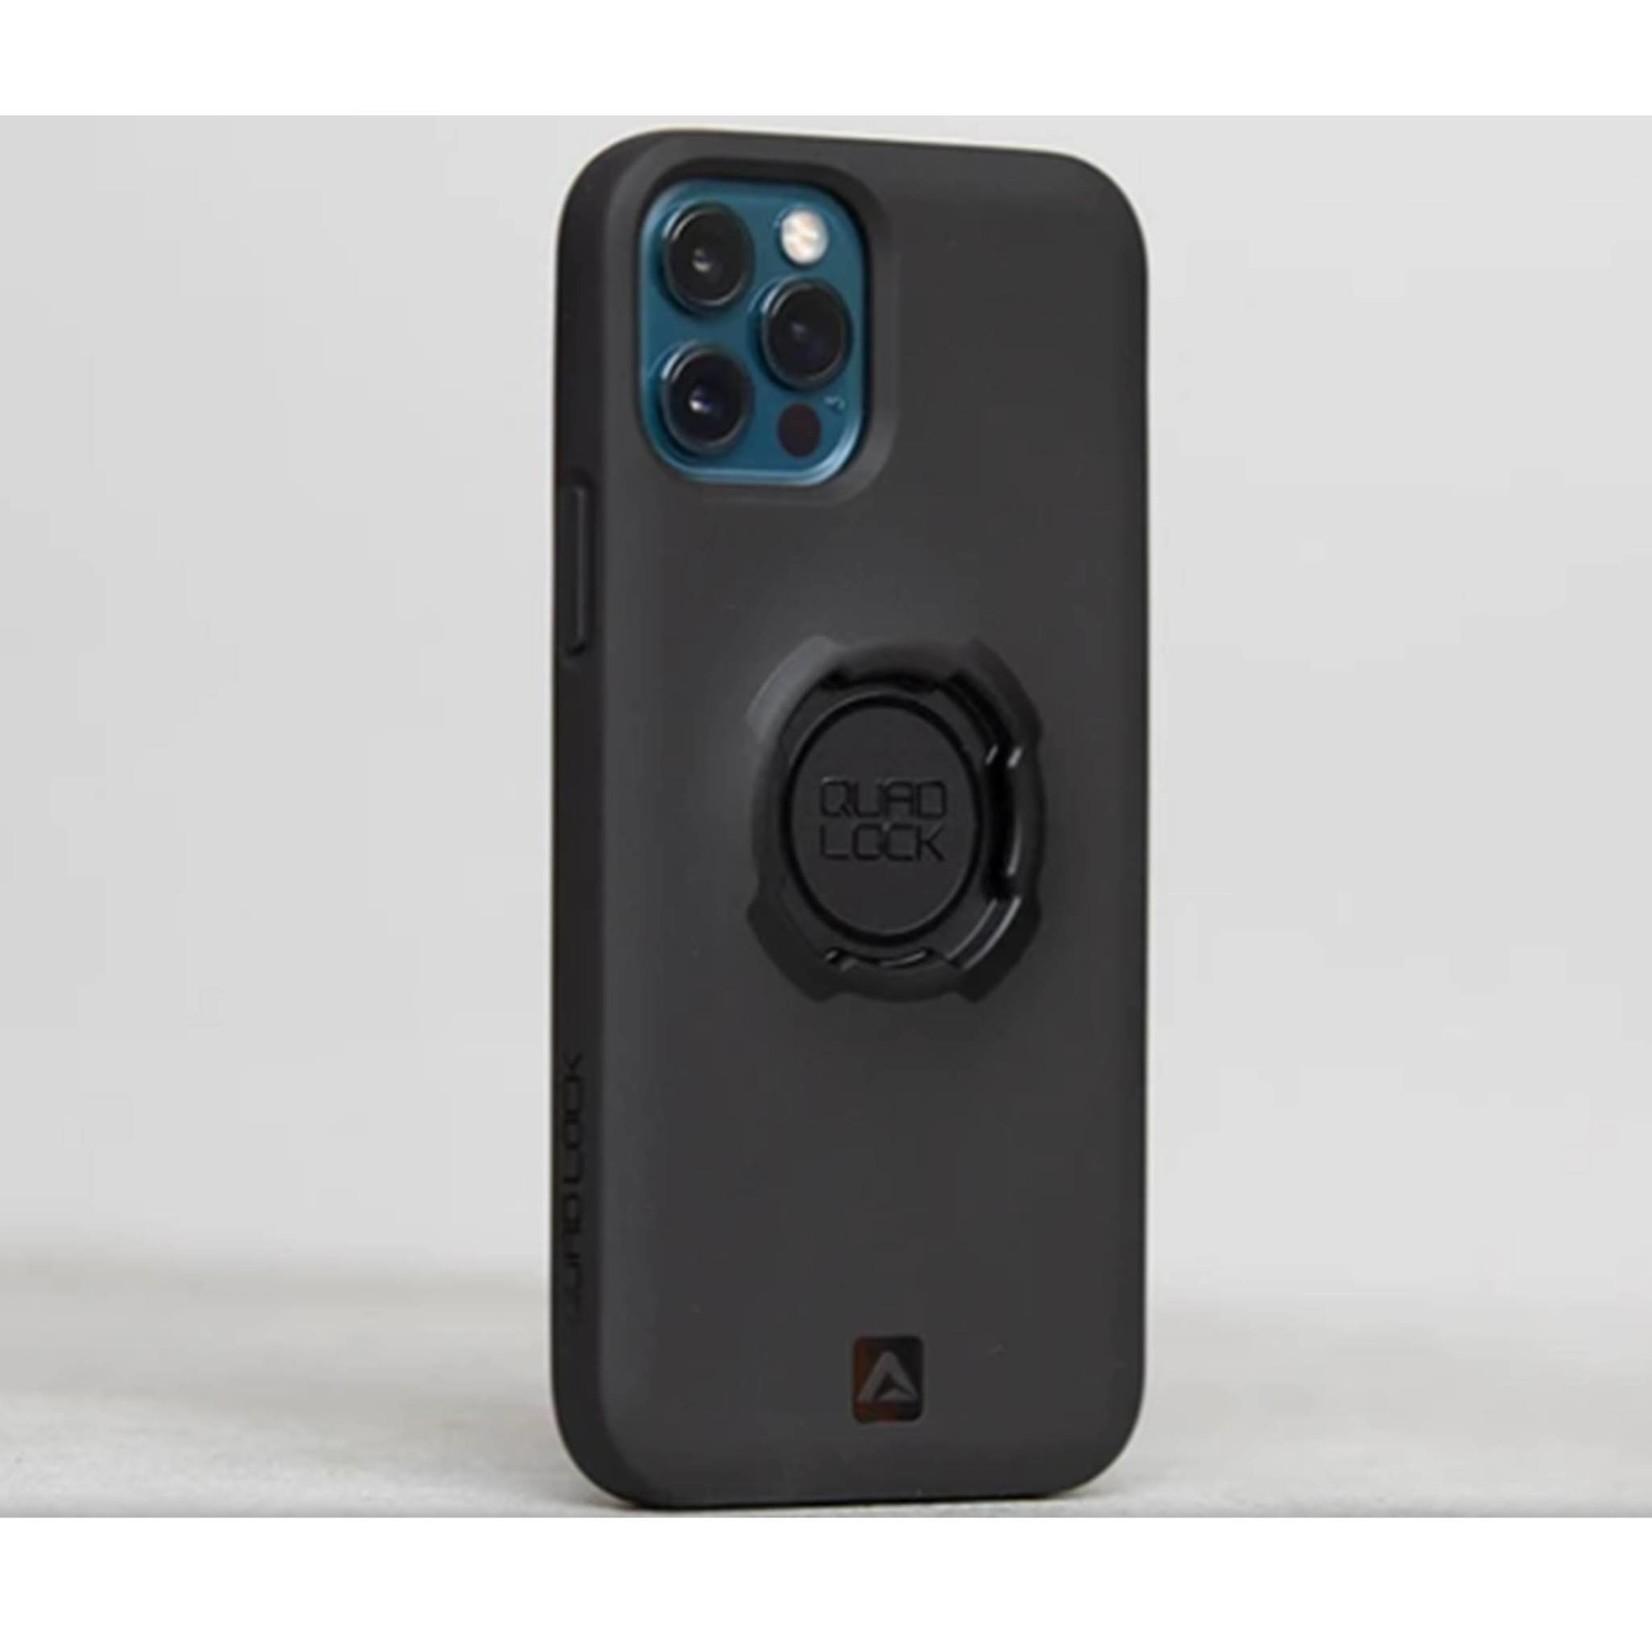 Quad Lock Iphone 12 Pro Max Case